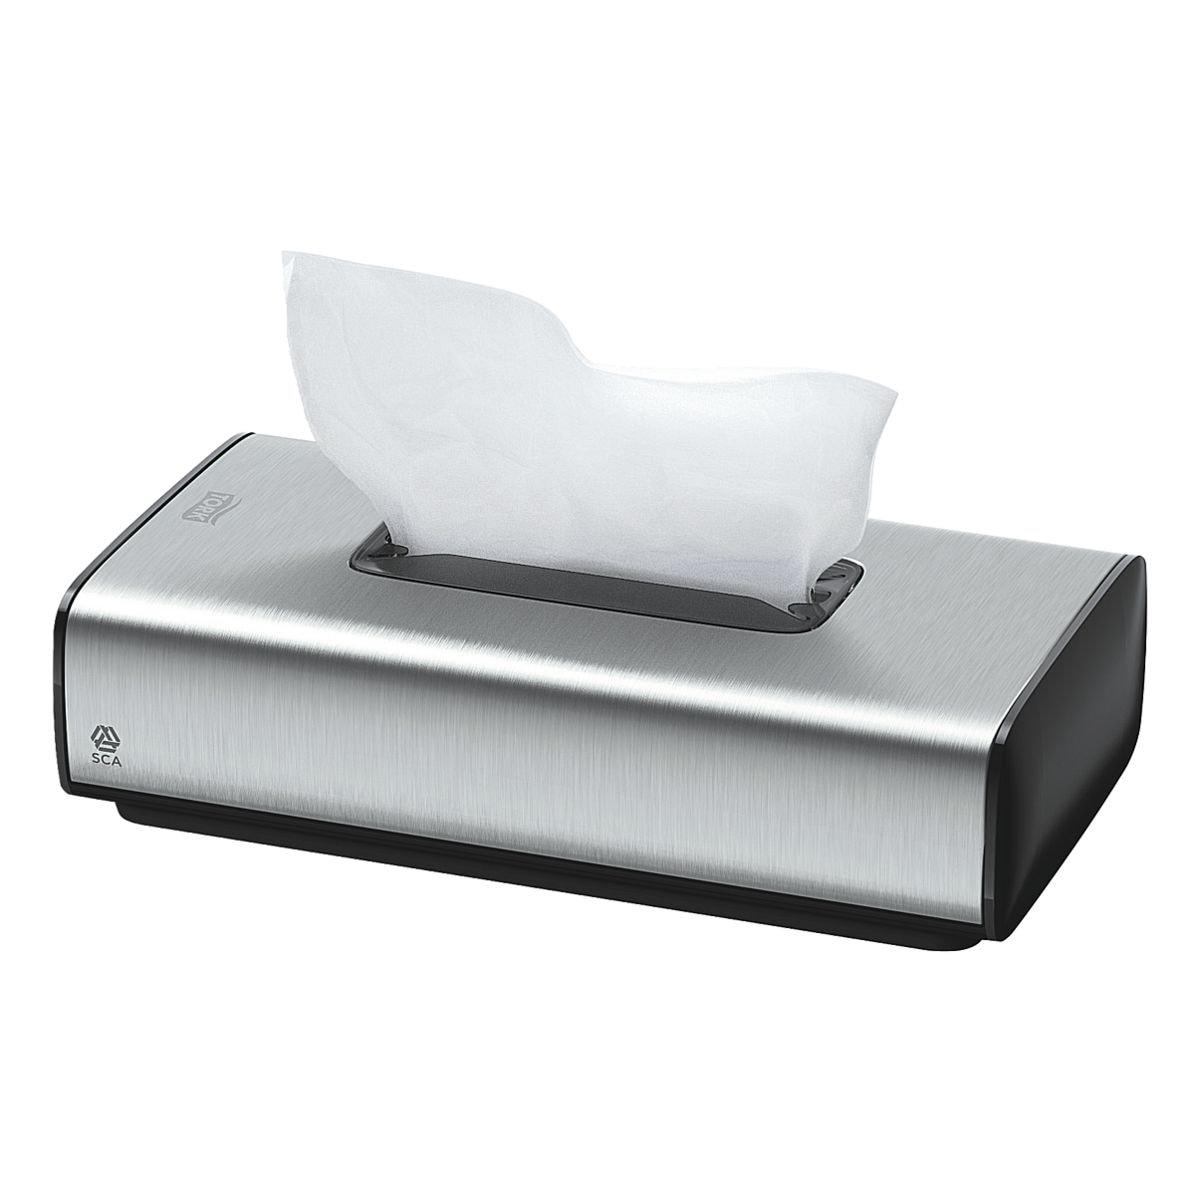 Tork Spenderbox für Kosmetiktücher